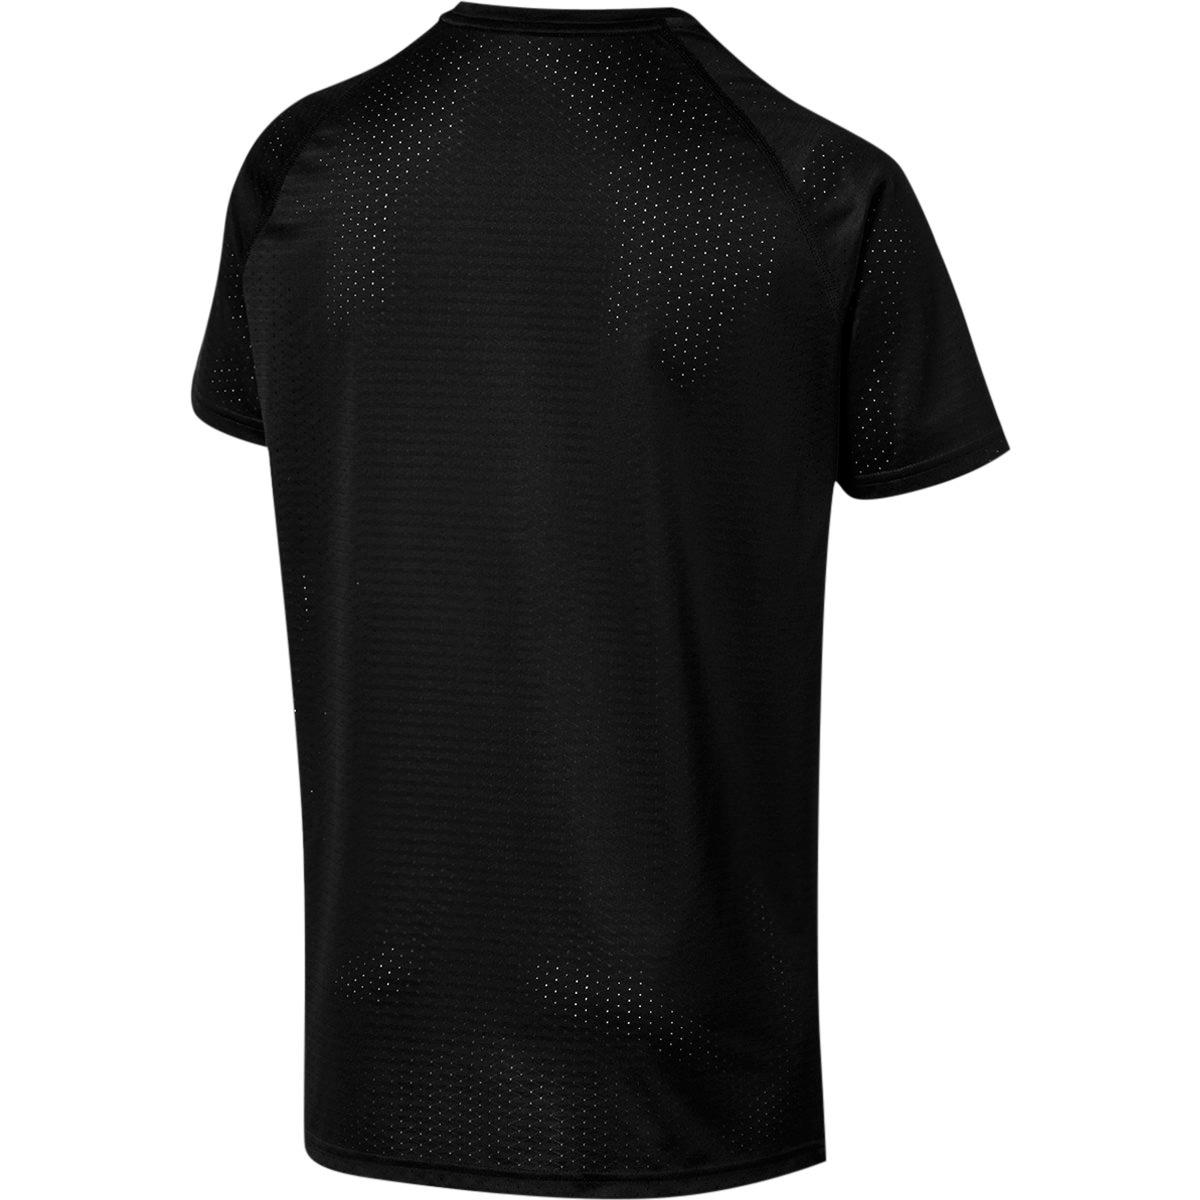 Puma Tech Trænings T-shirt Herre